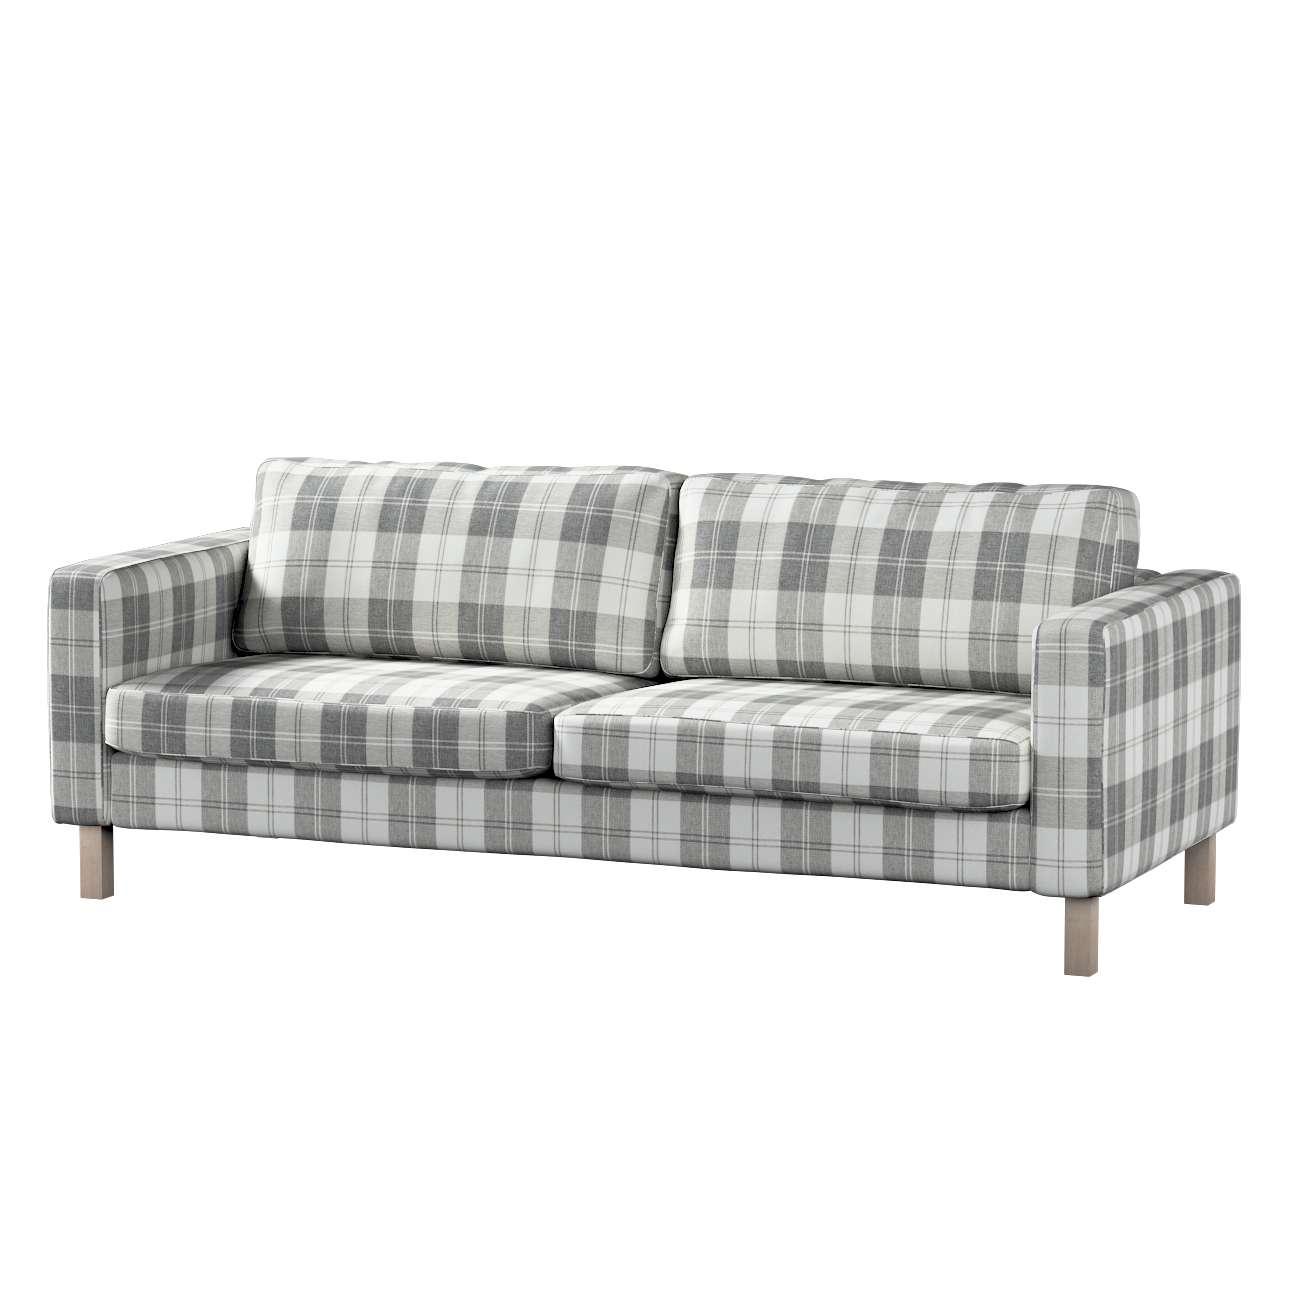 Pokrowiec na sofę Karlstad 3-osobową nierozkładaną, krótki Sofa Karlstad 3-osobowa w kolekcji Edinburgh, tkanina: 115-79